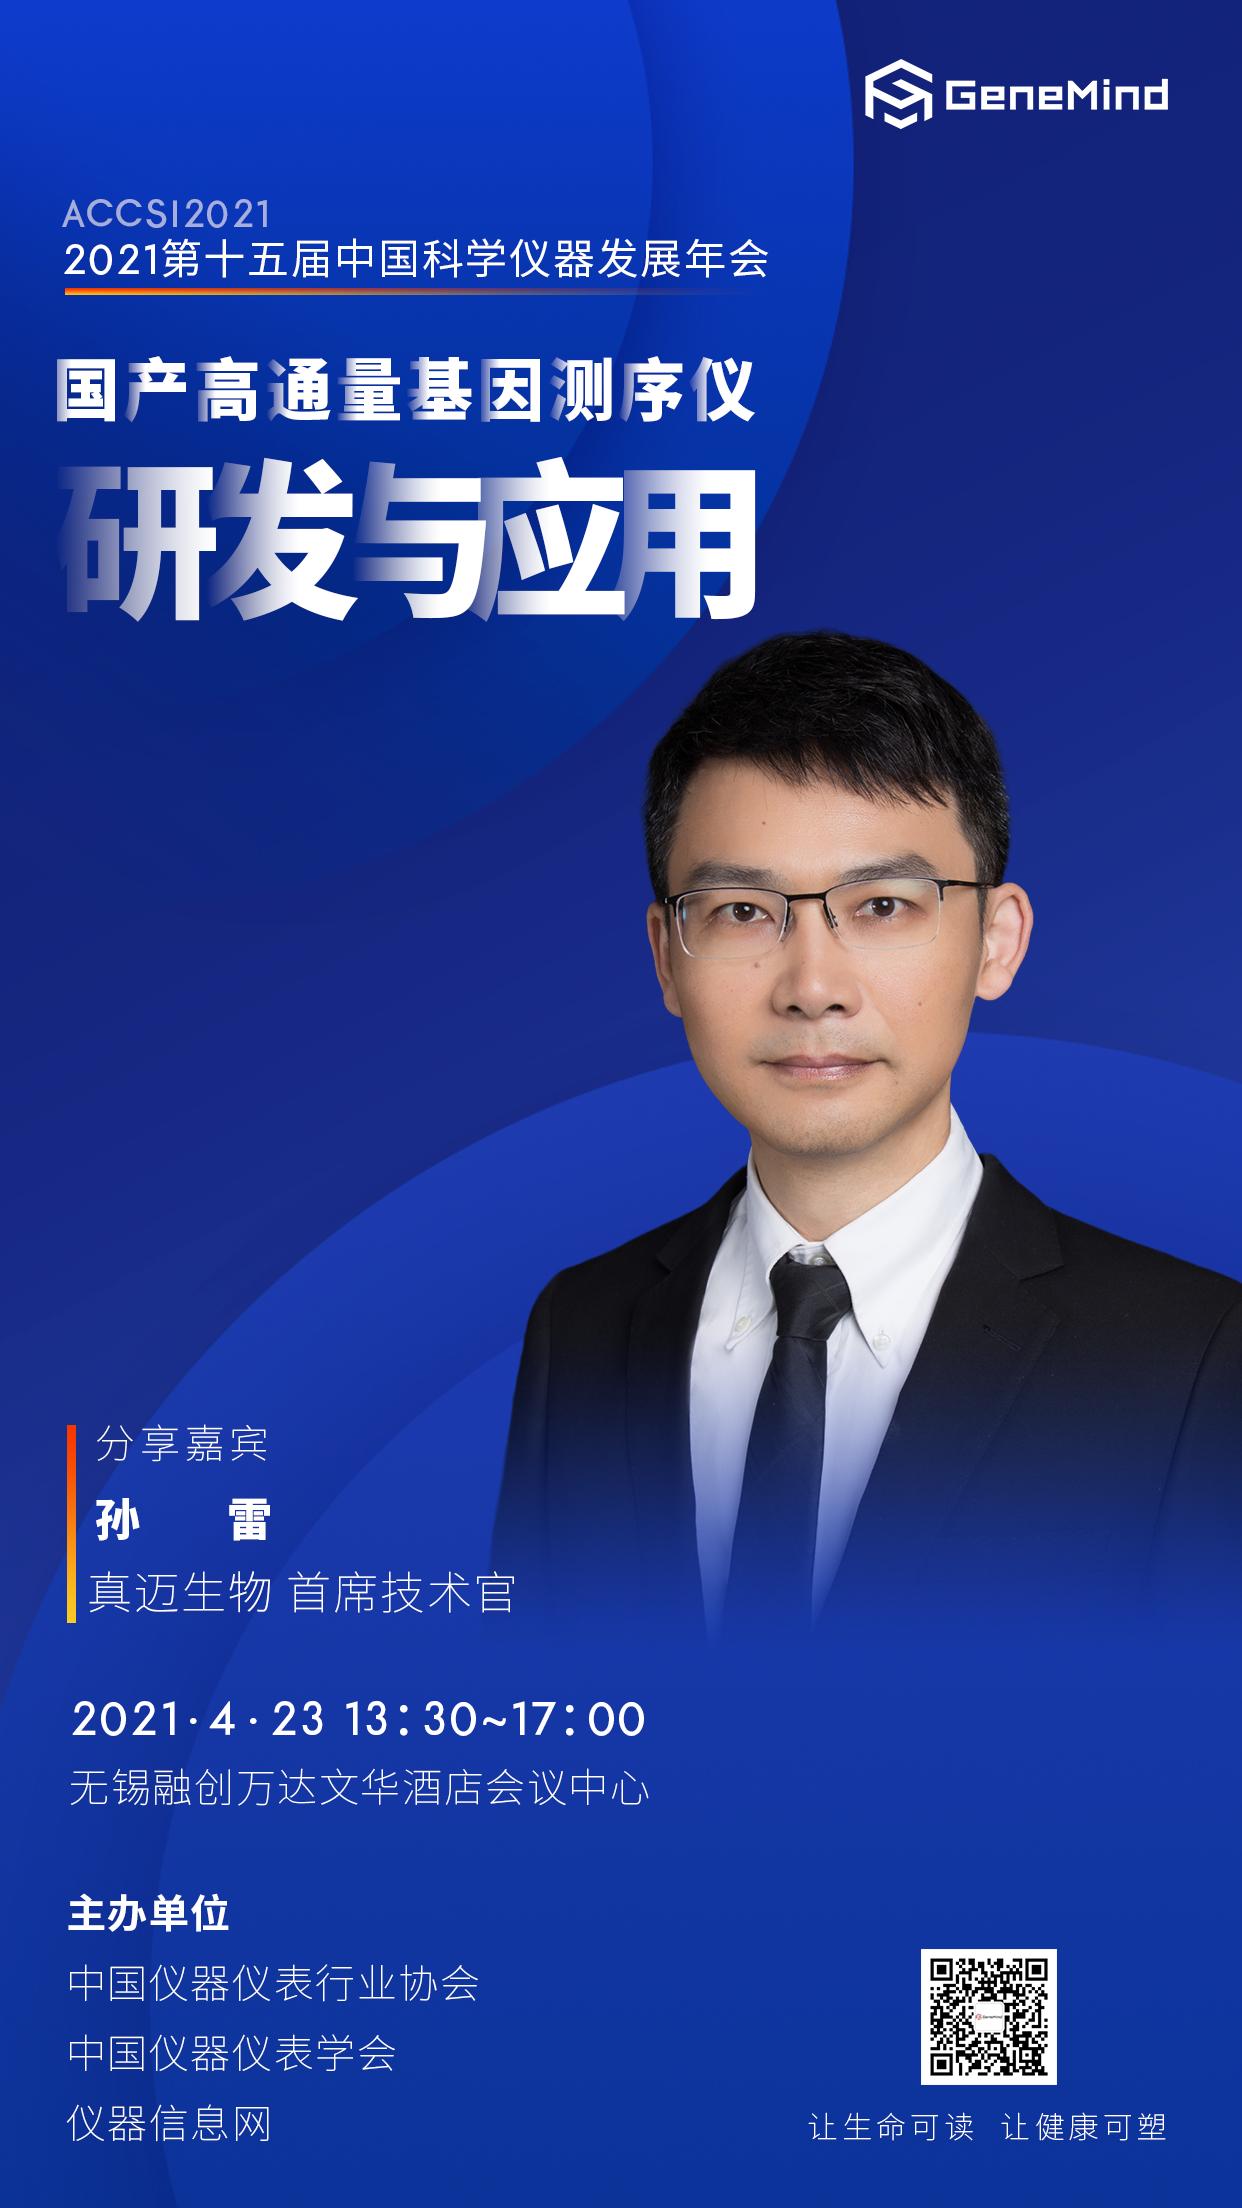 活動預告丨第十五屆中國科學儀器發展年會·國產高通量基因測序儀及其應用